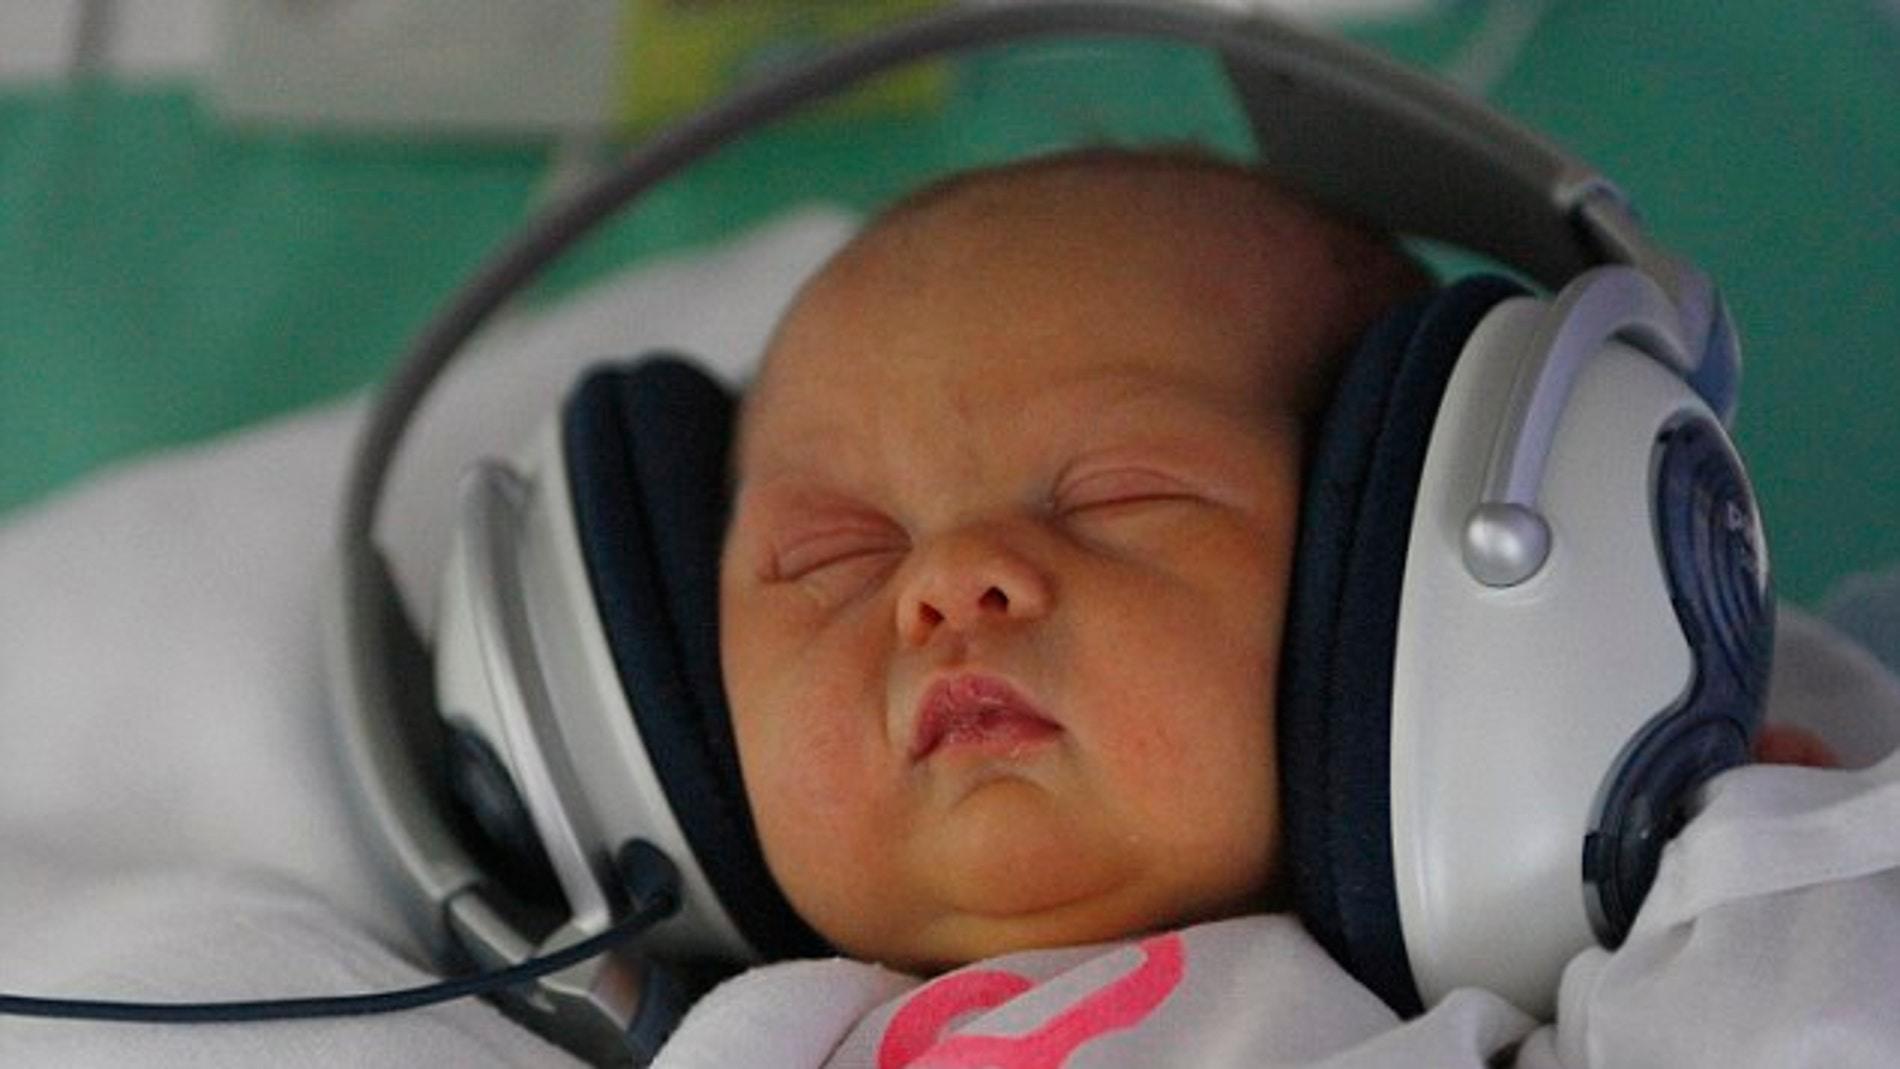 Bebé relajado escuchando música